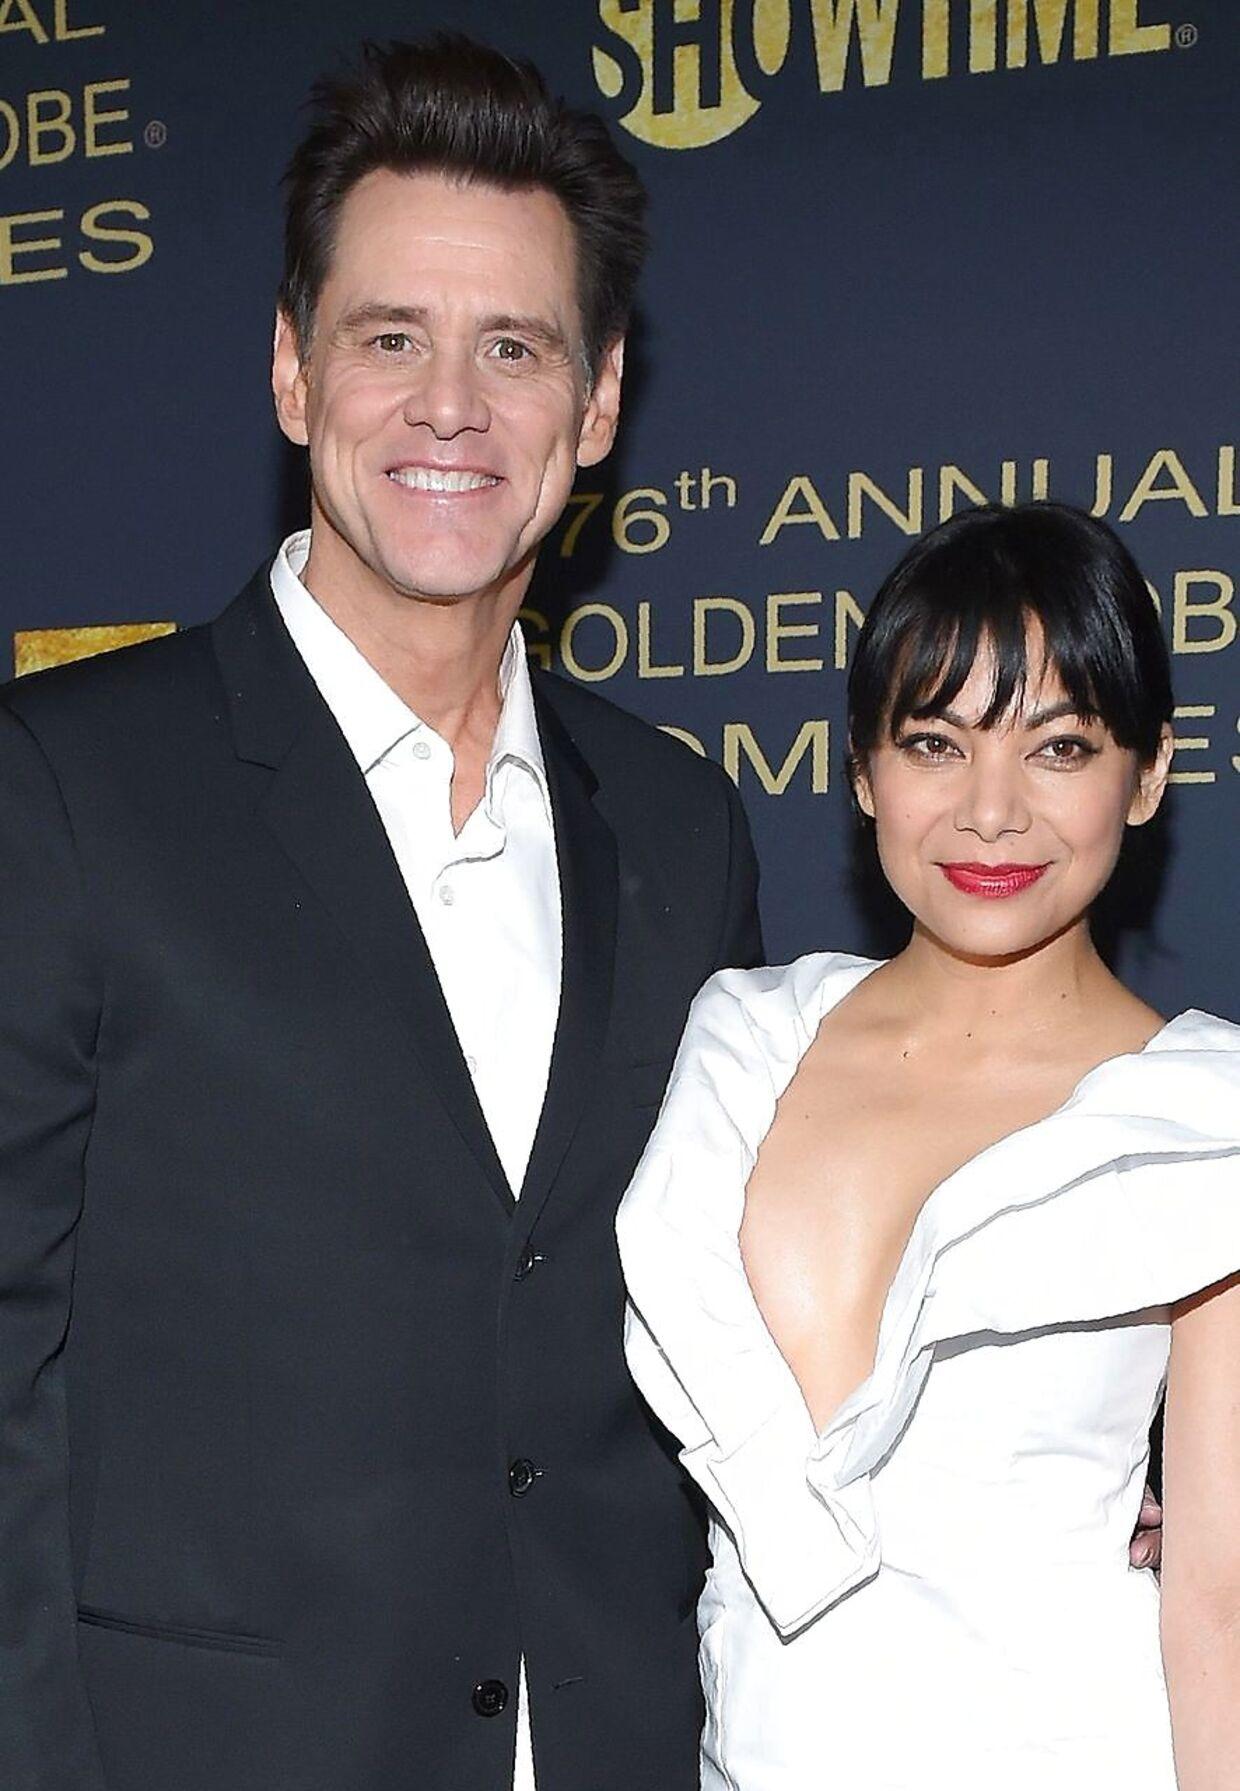 Jim Carrey har nu bekræftet, at den 34-årige skuespiller Ginger Gonzaga, som han mødte op sammen med ved årets Golden Globe-show, er hans kæreste.